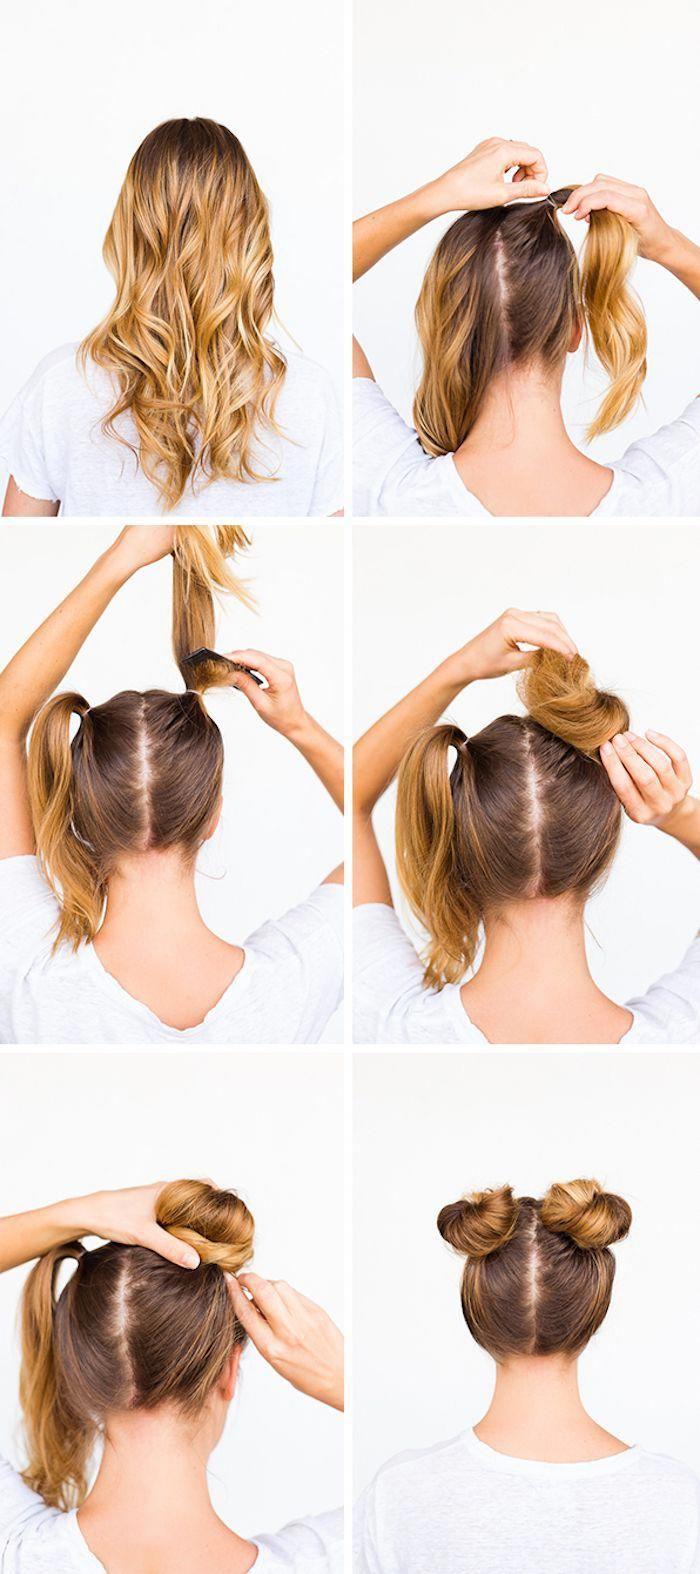 Schone Frisuren Dutt Frisur Selber Machen Frisur Mit Zwei Dutts In 2020 Hair Bun Tutorial Bun Hairstyles Hair Tutorial